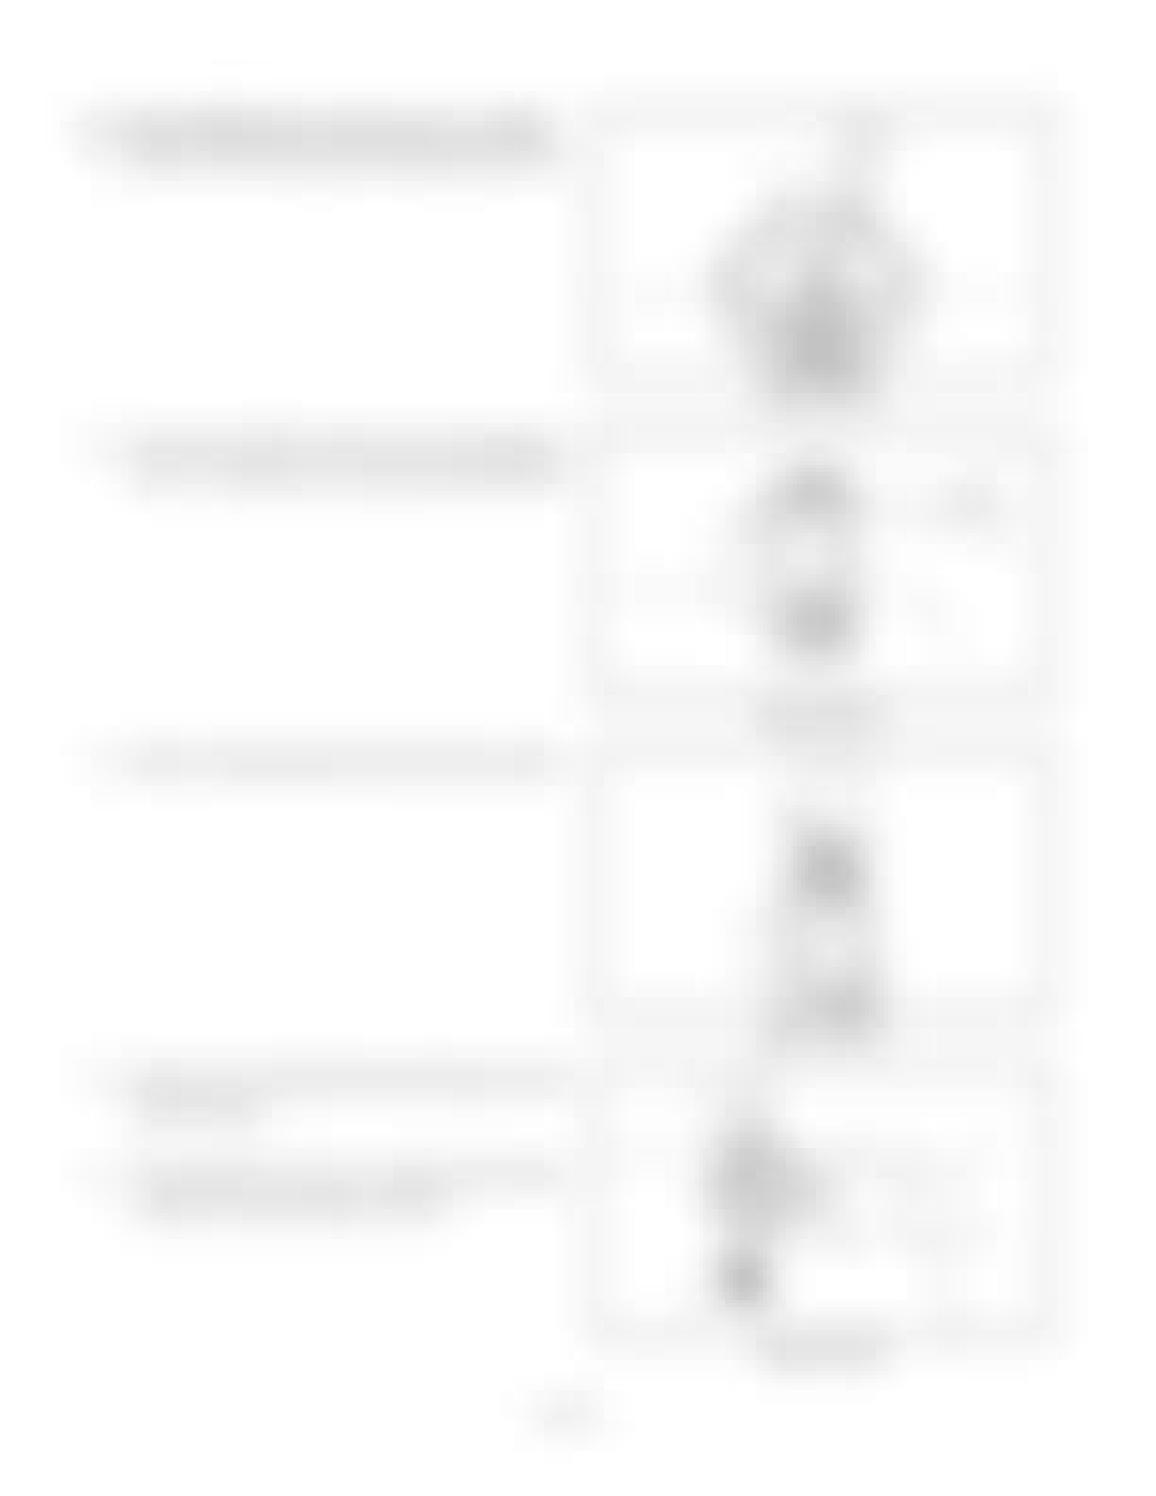 Hitachi LX110-7 LX130-7 LX160-7 LX190-7 LX230-7 Wheel Loader Workshop Manual - PDF DOWNLOAD page 158